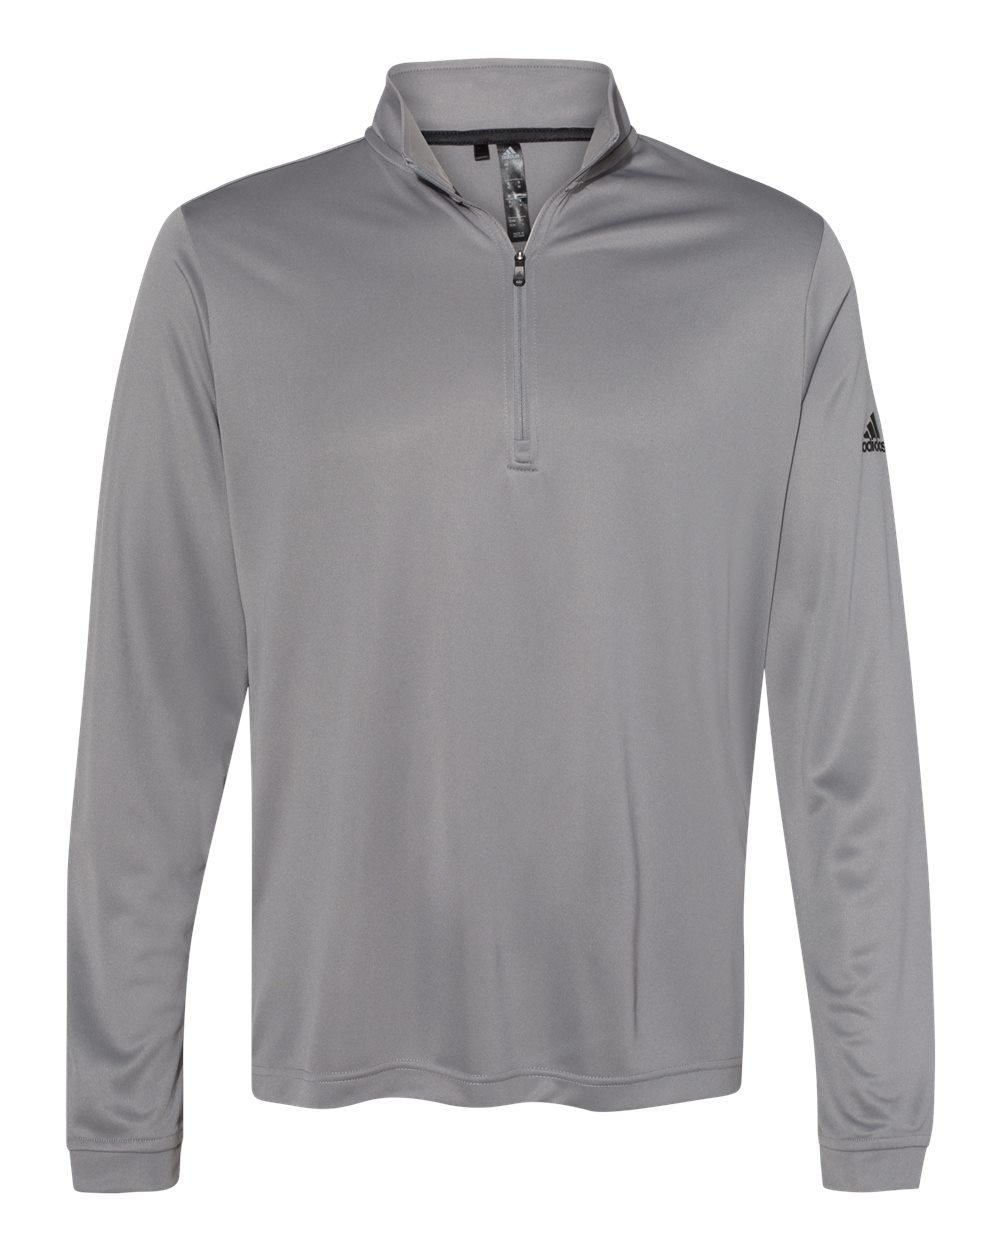 Adidas A401 - Lightweight Quarter-Zip Pullover